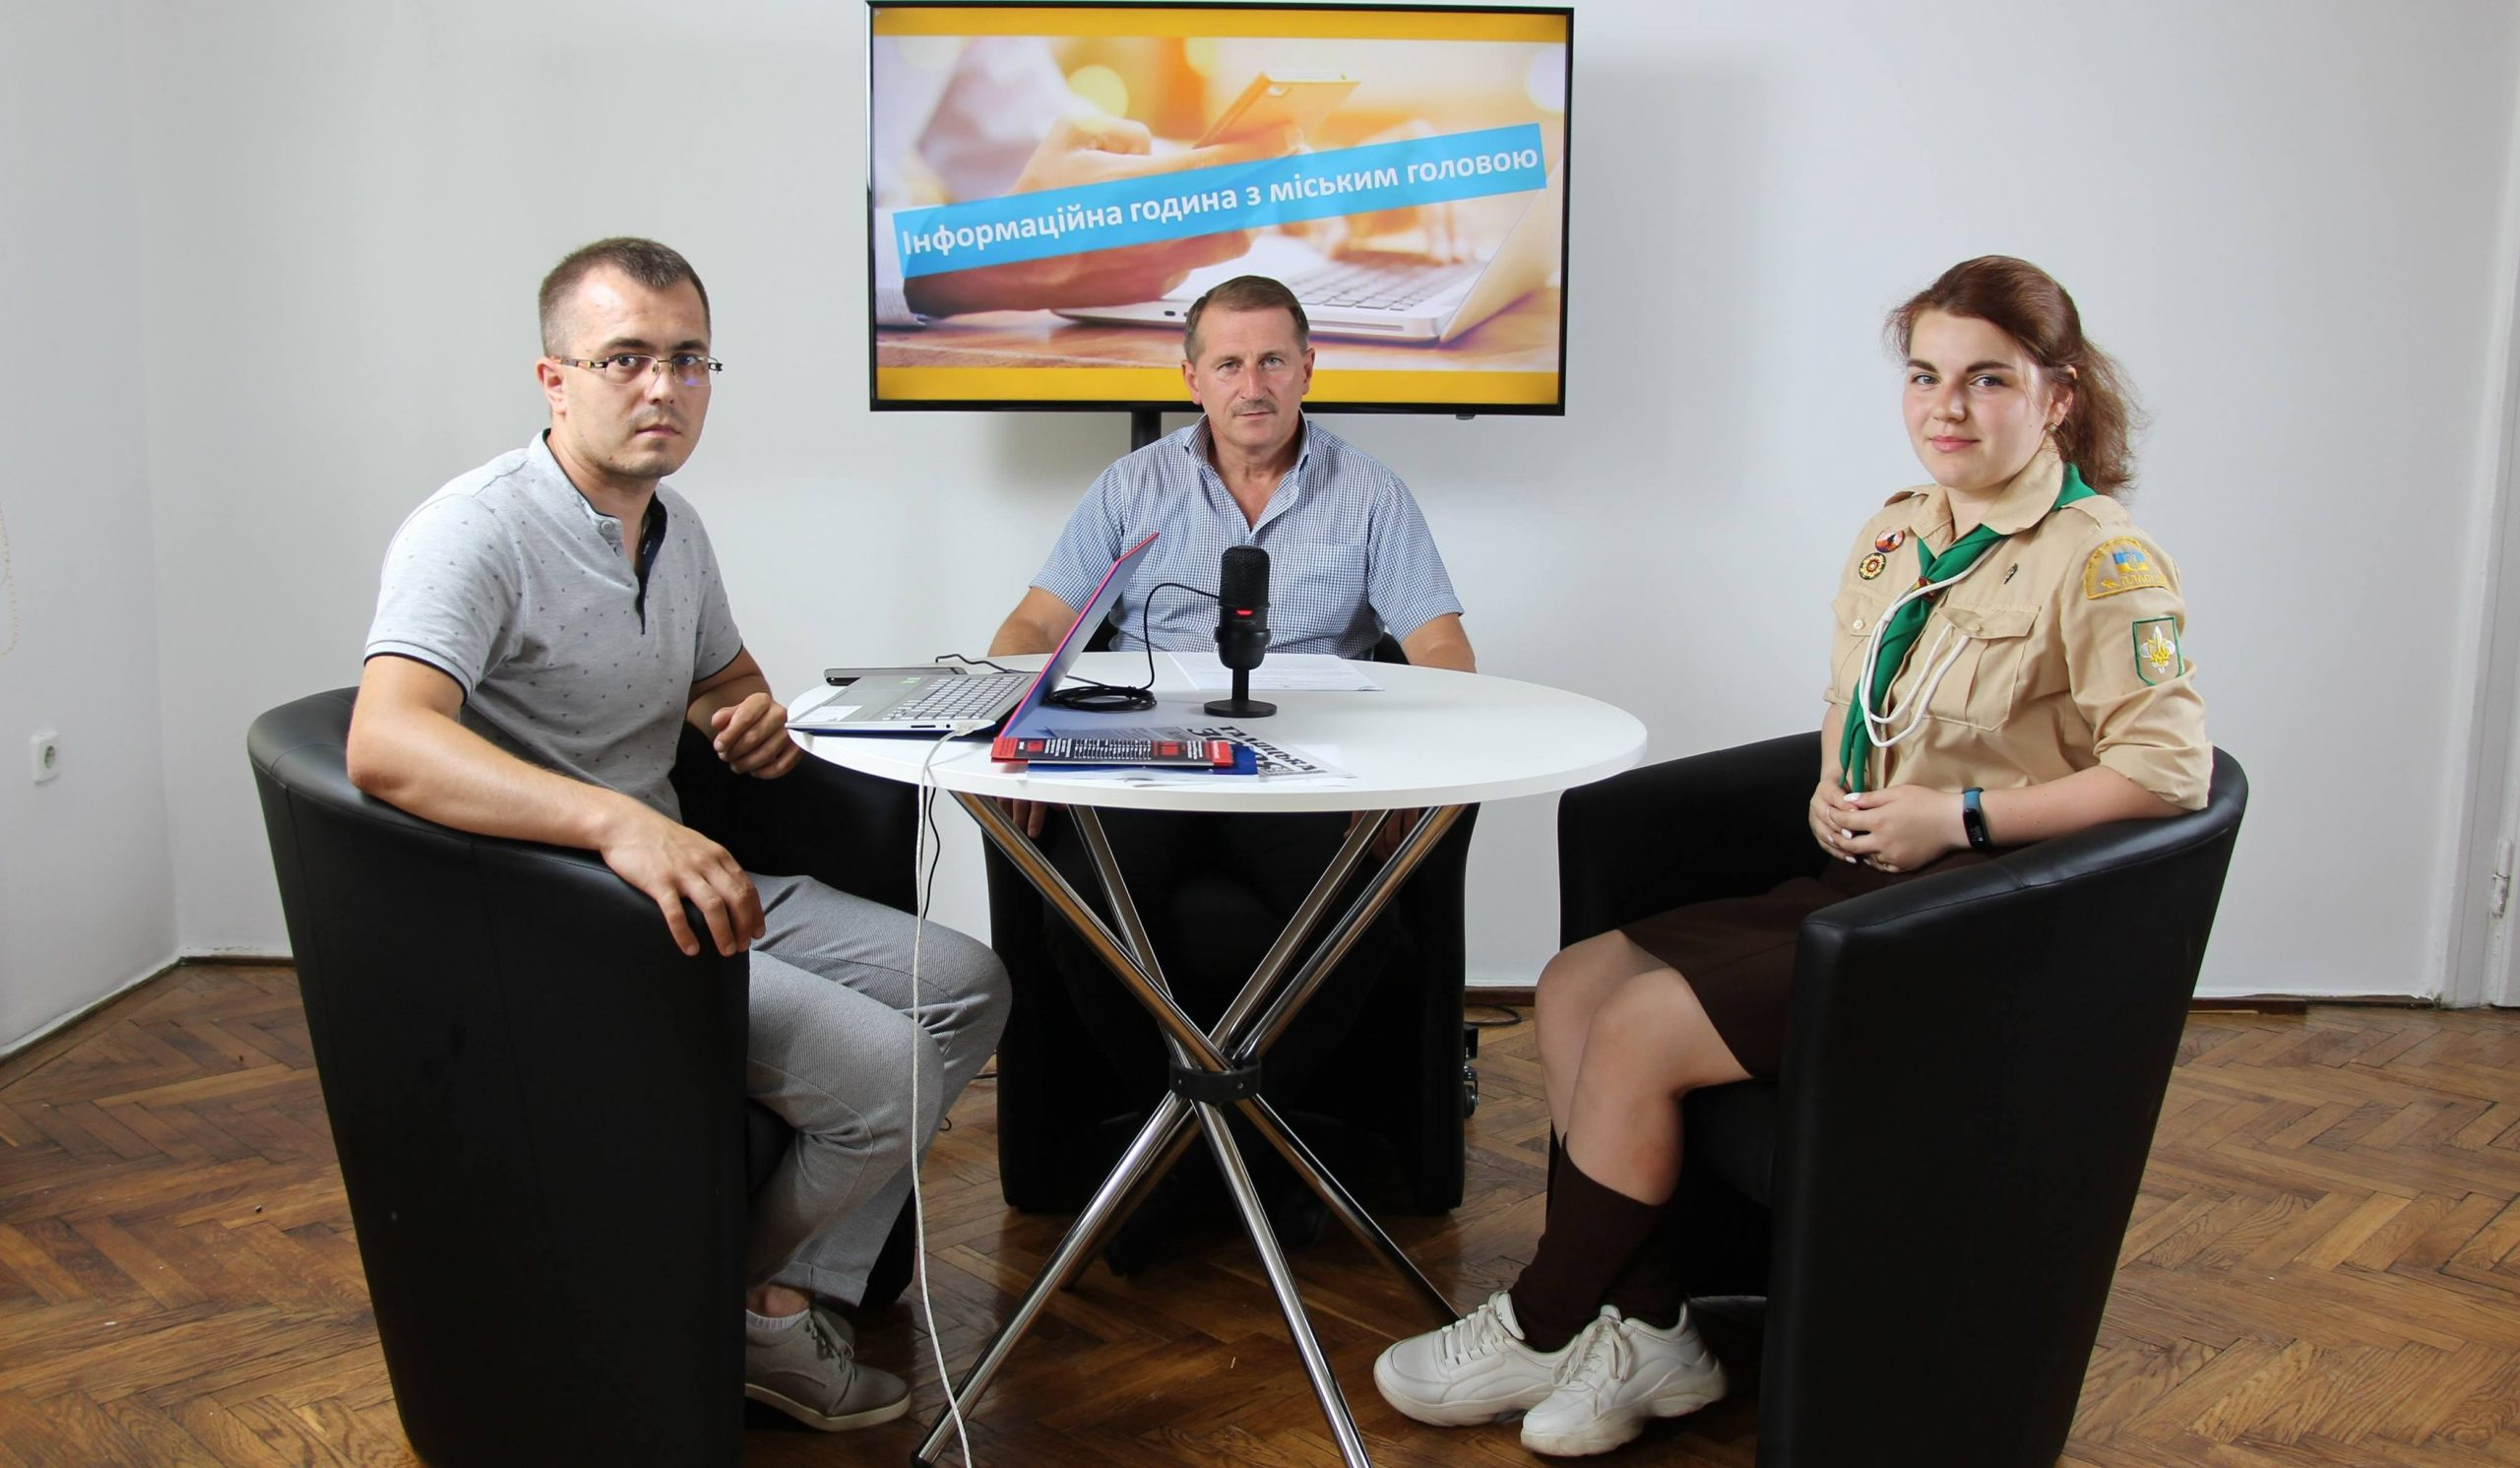 МЦ «Дрогобич:». Інформаційна година з міським головою